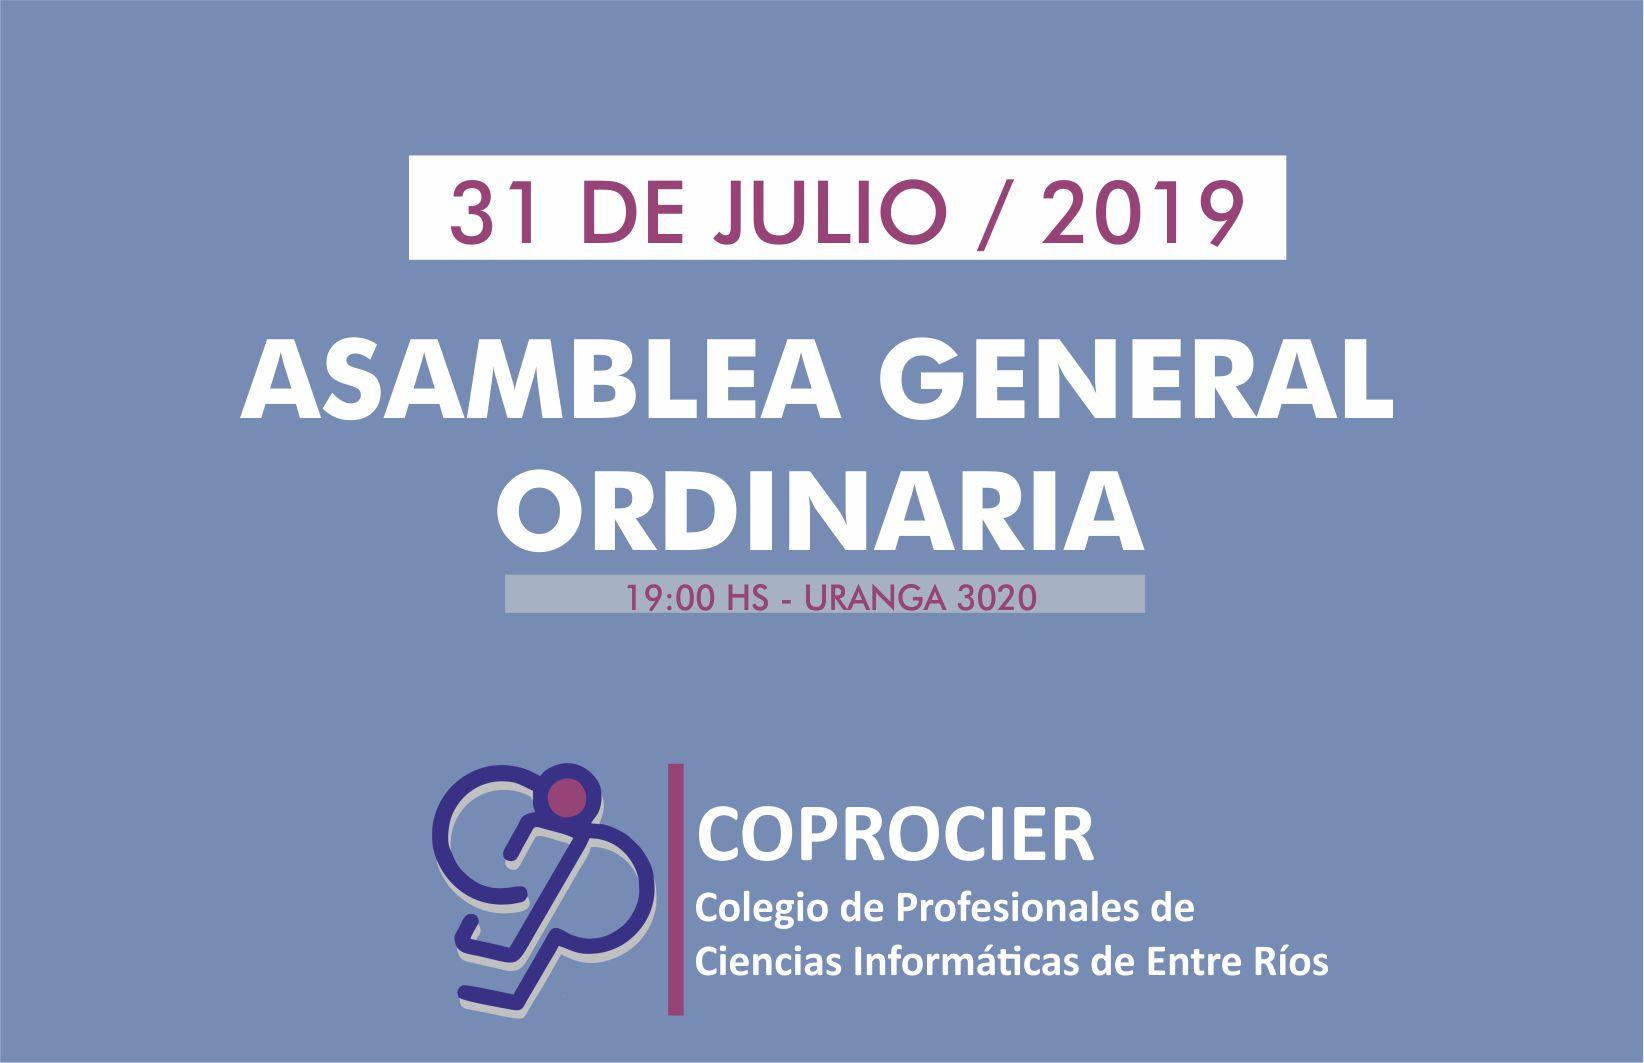 COPROCIER realizará su Asamblea Ordinaria el  31 de julio